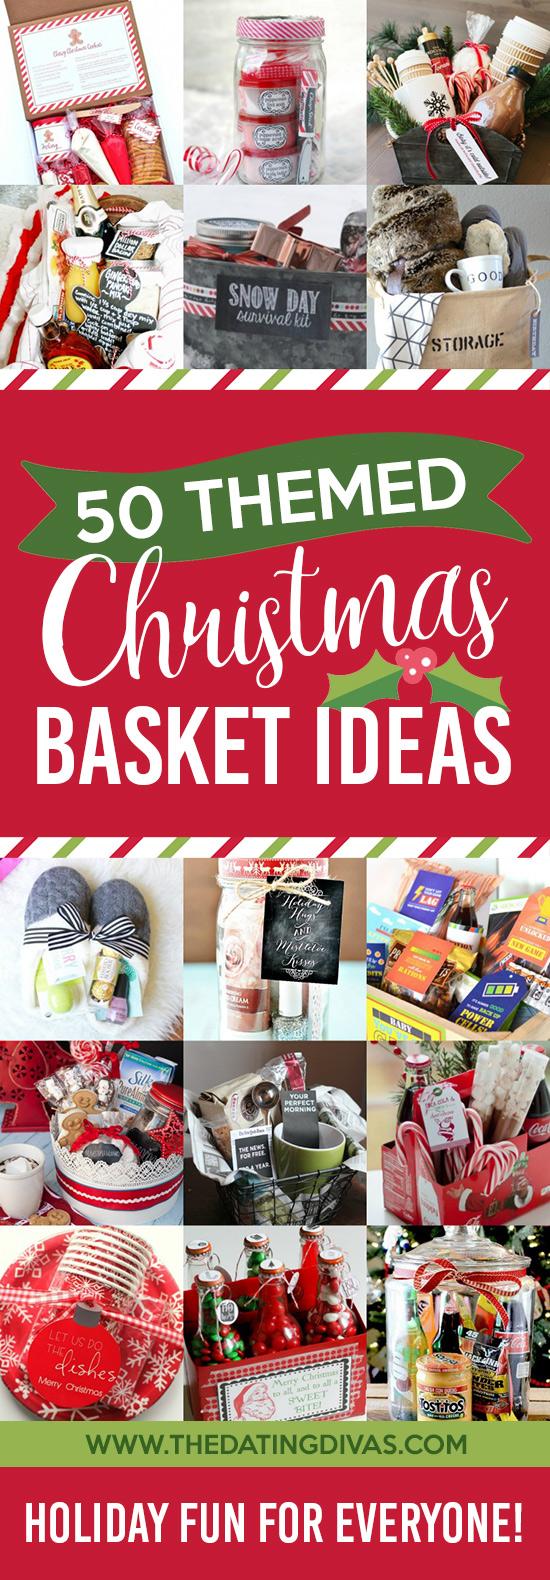 50-themed-christmas-basket-ideas